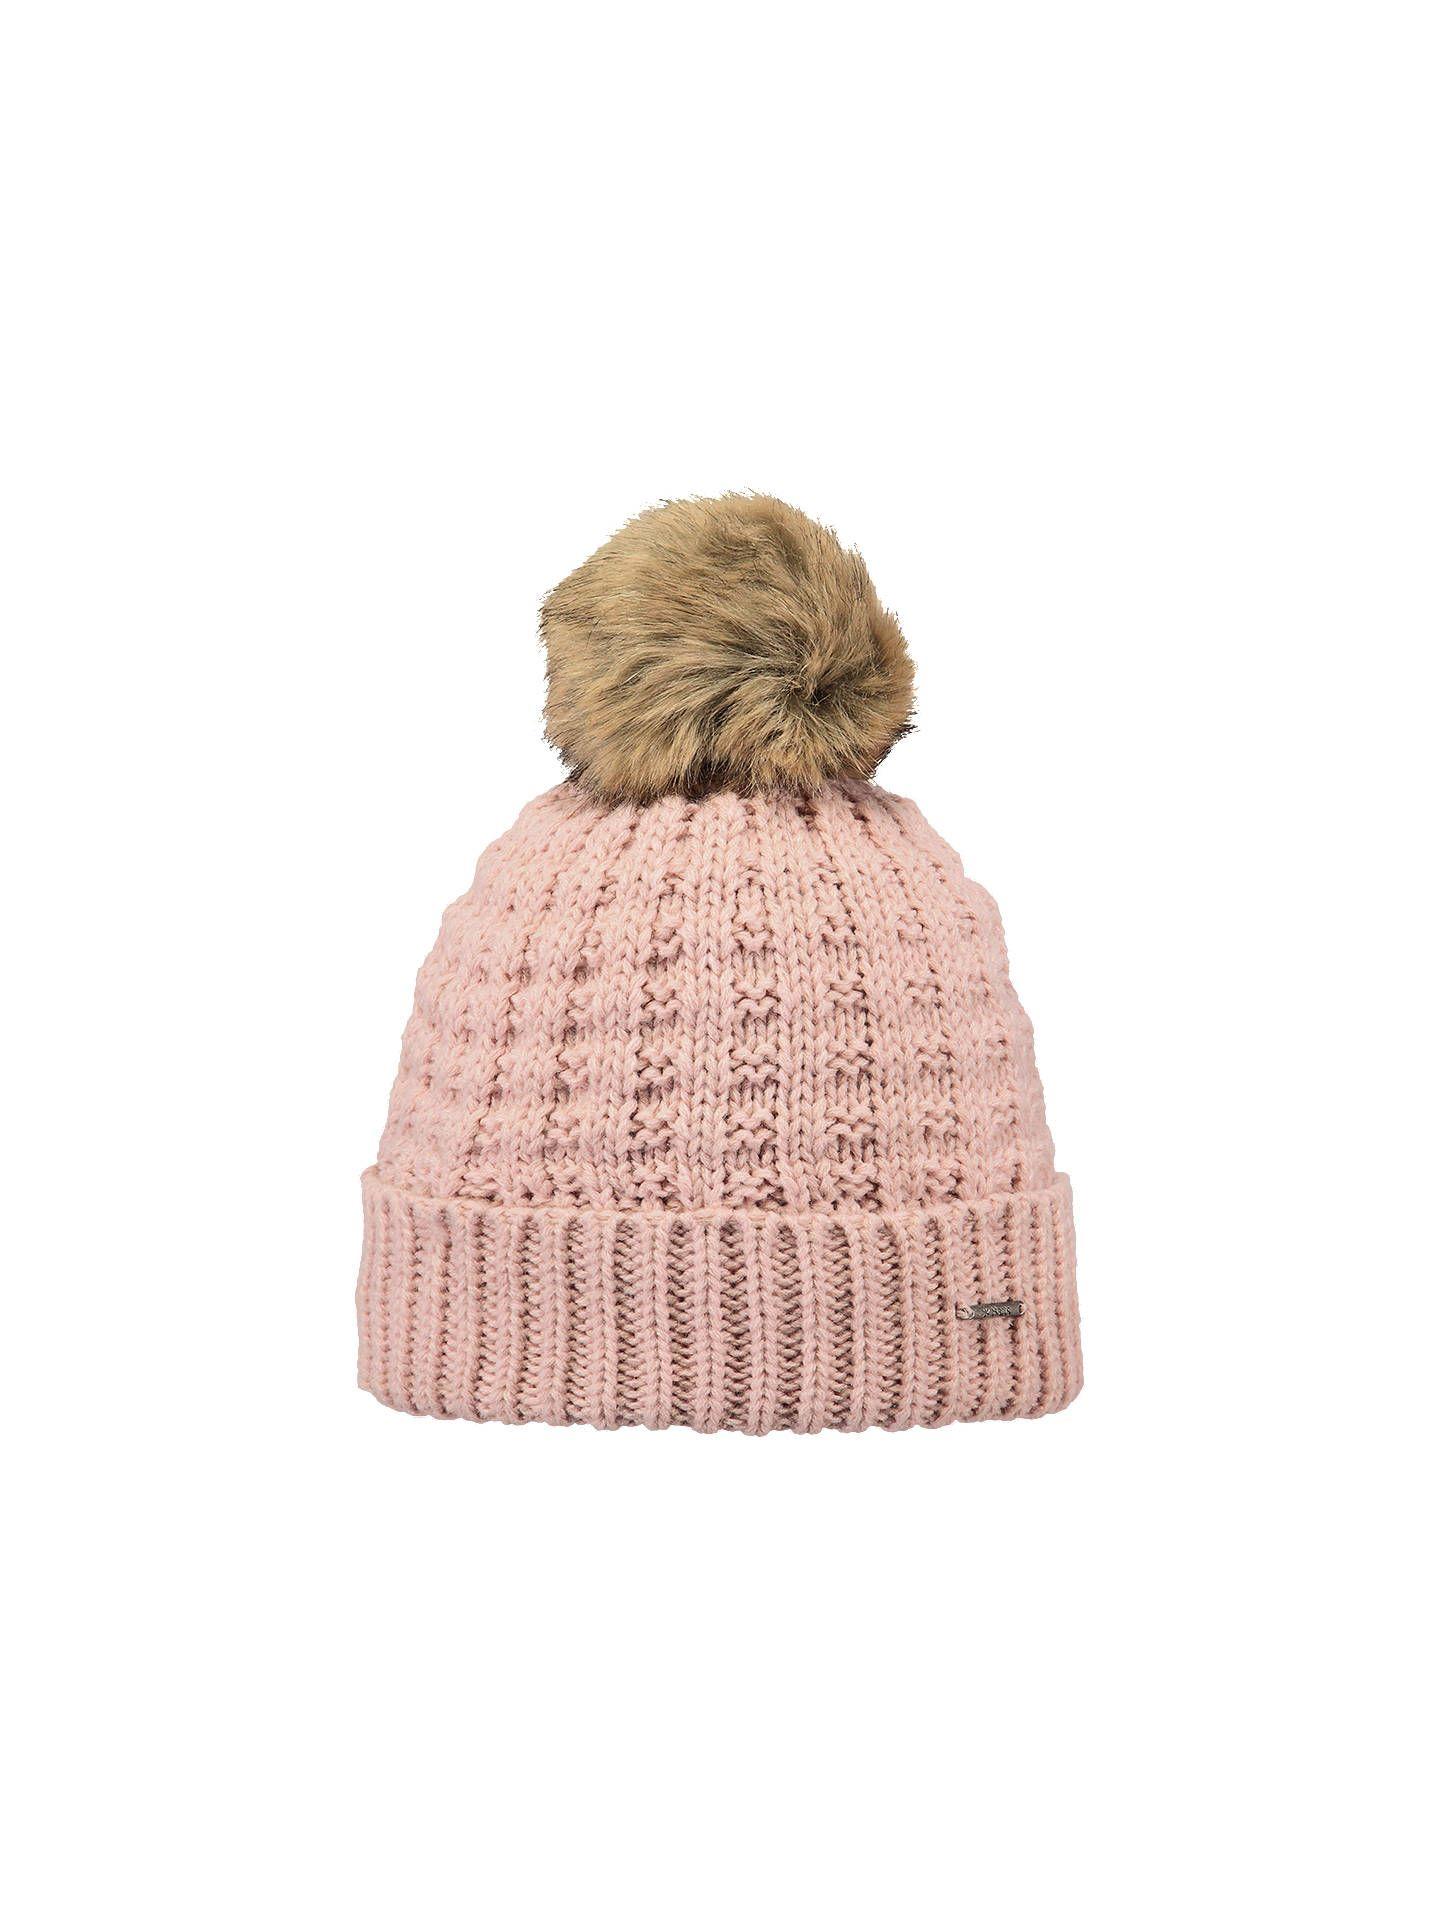 5911a3de1aa89 BuyBarts Filippa Pom Pom Beanie Hat